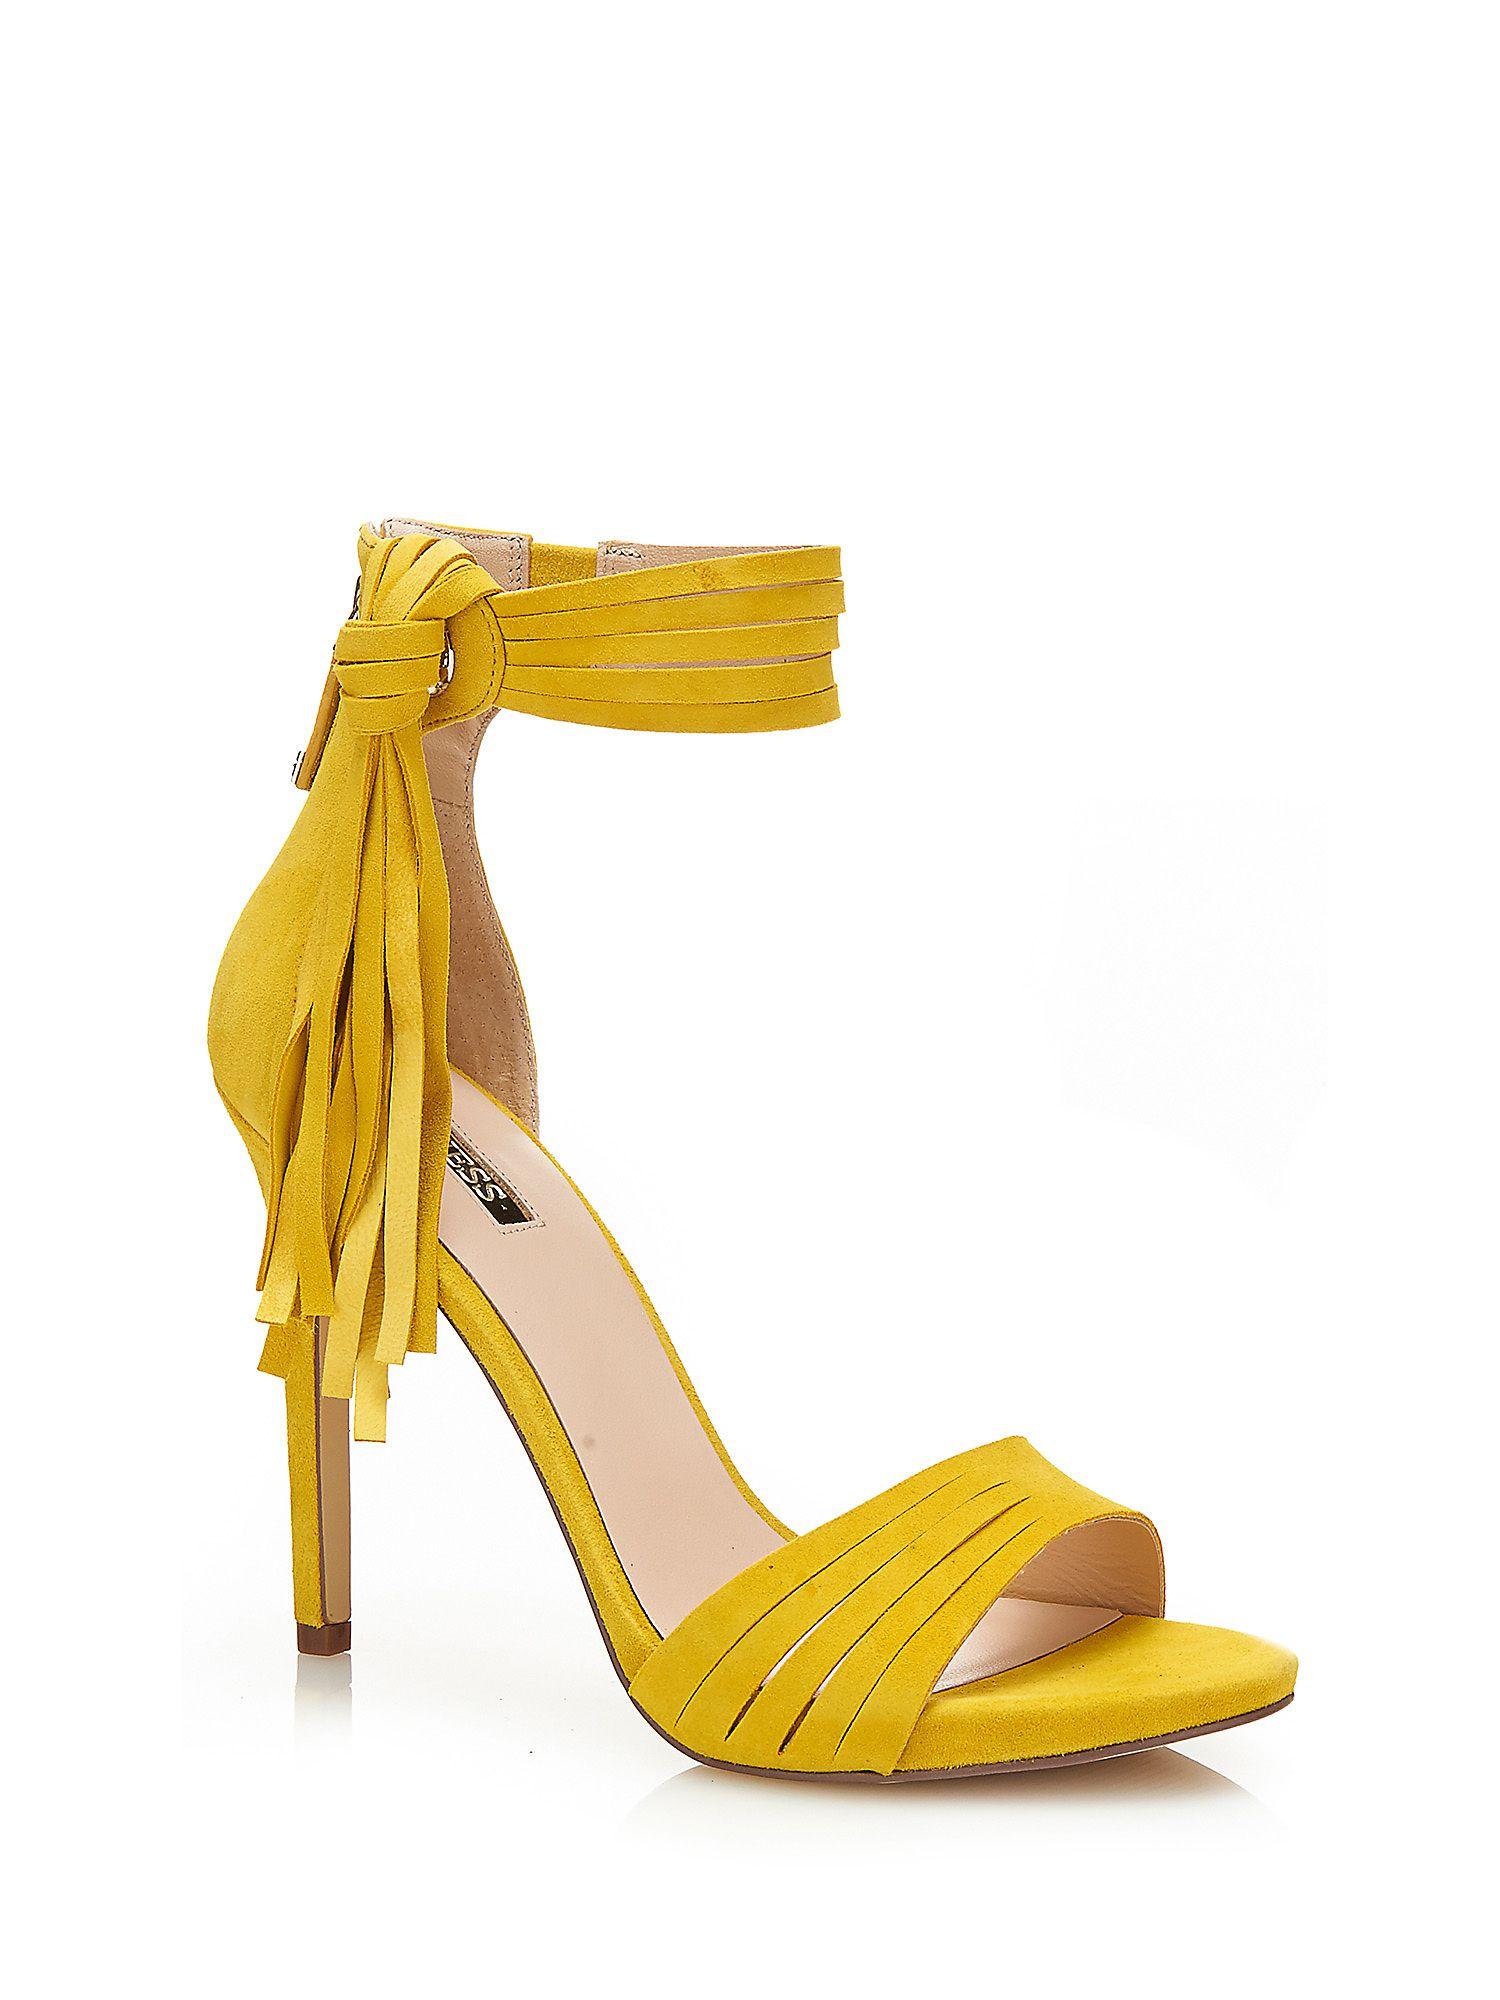 finest selection b0e97 29555 sandali gialli alla moda con tacco alto